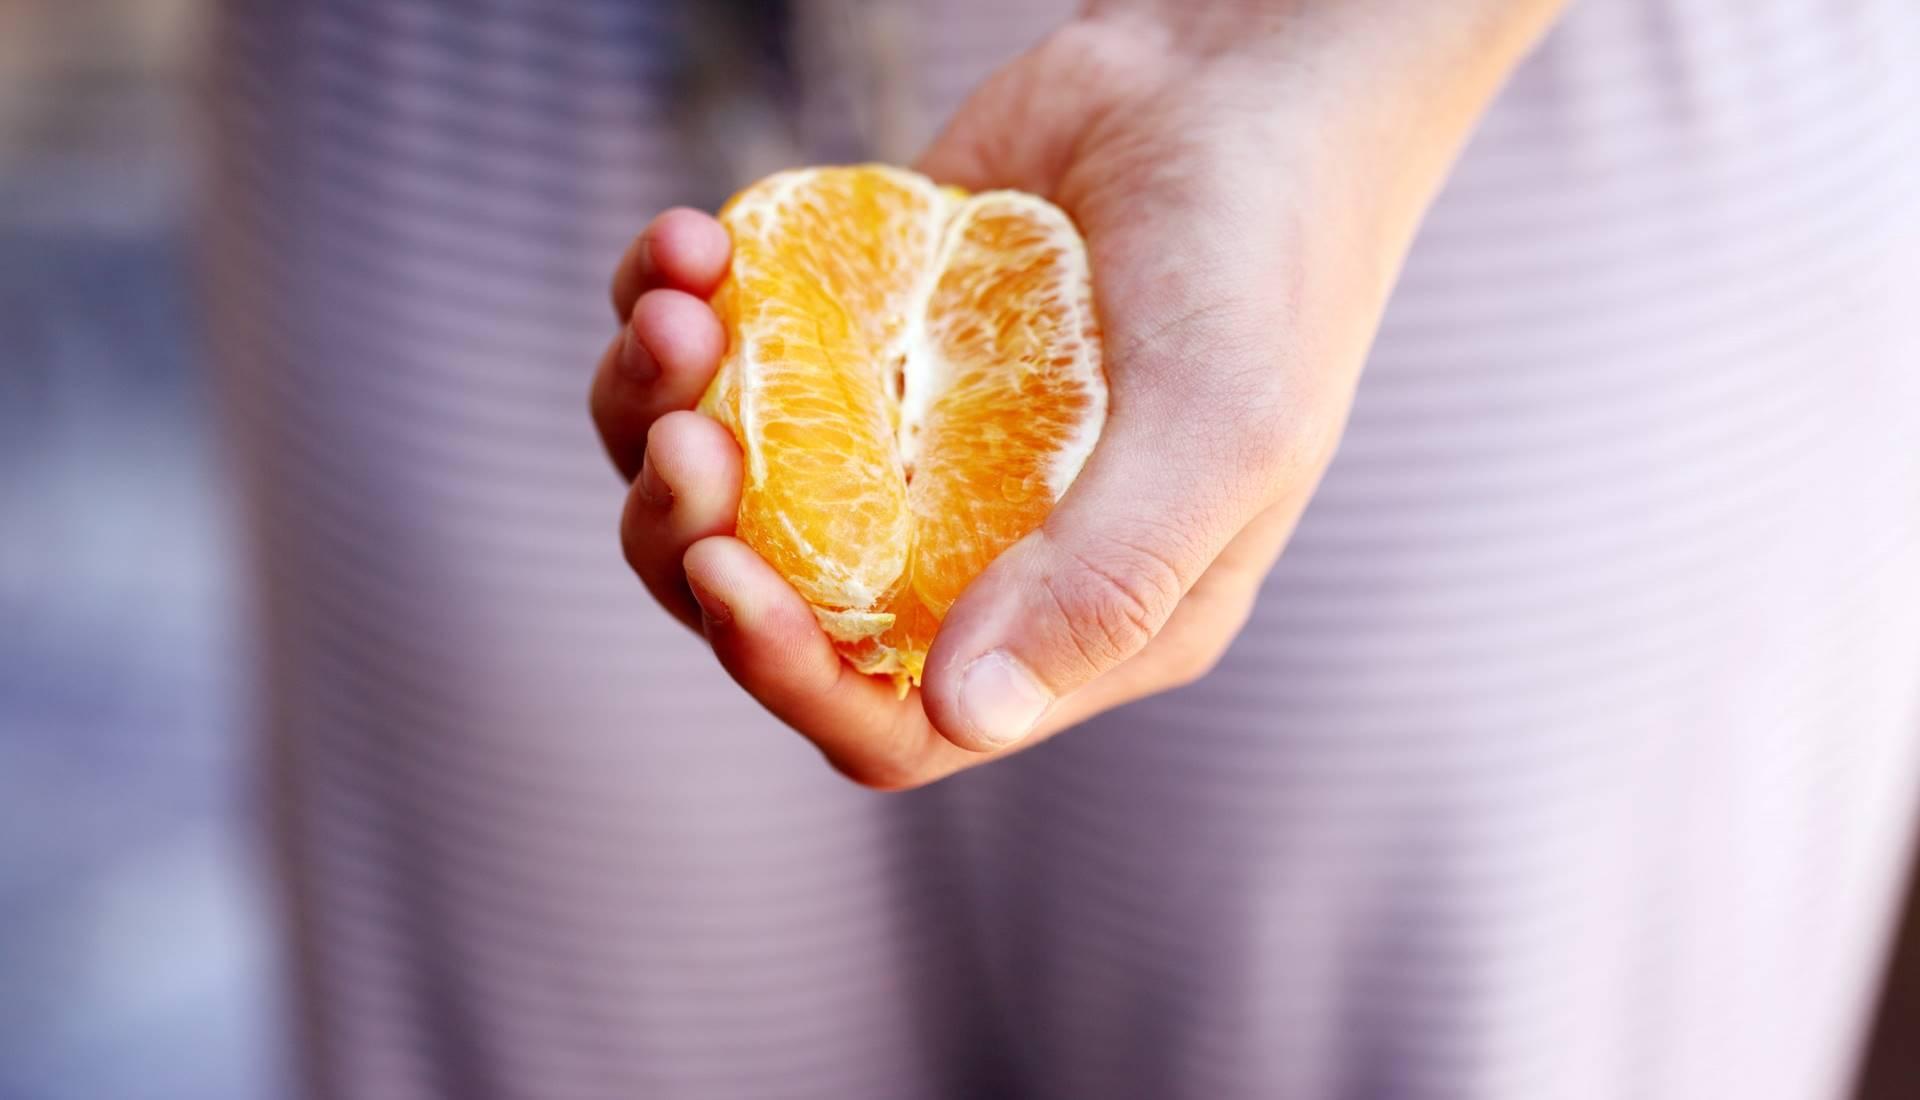 Gelbkörperschwäche